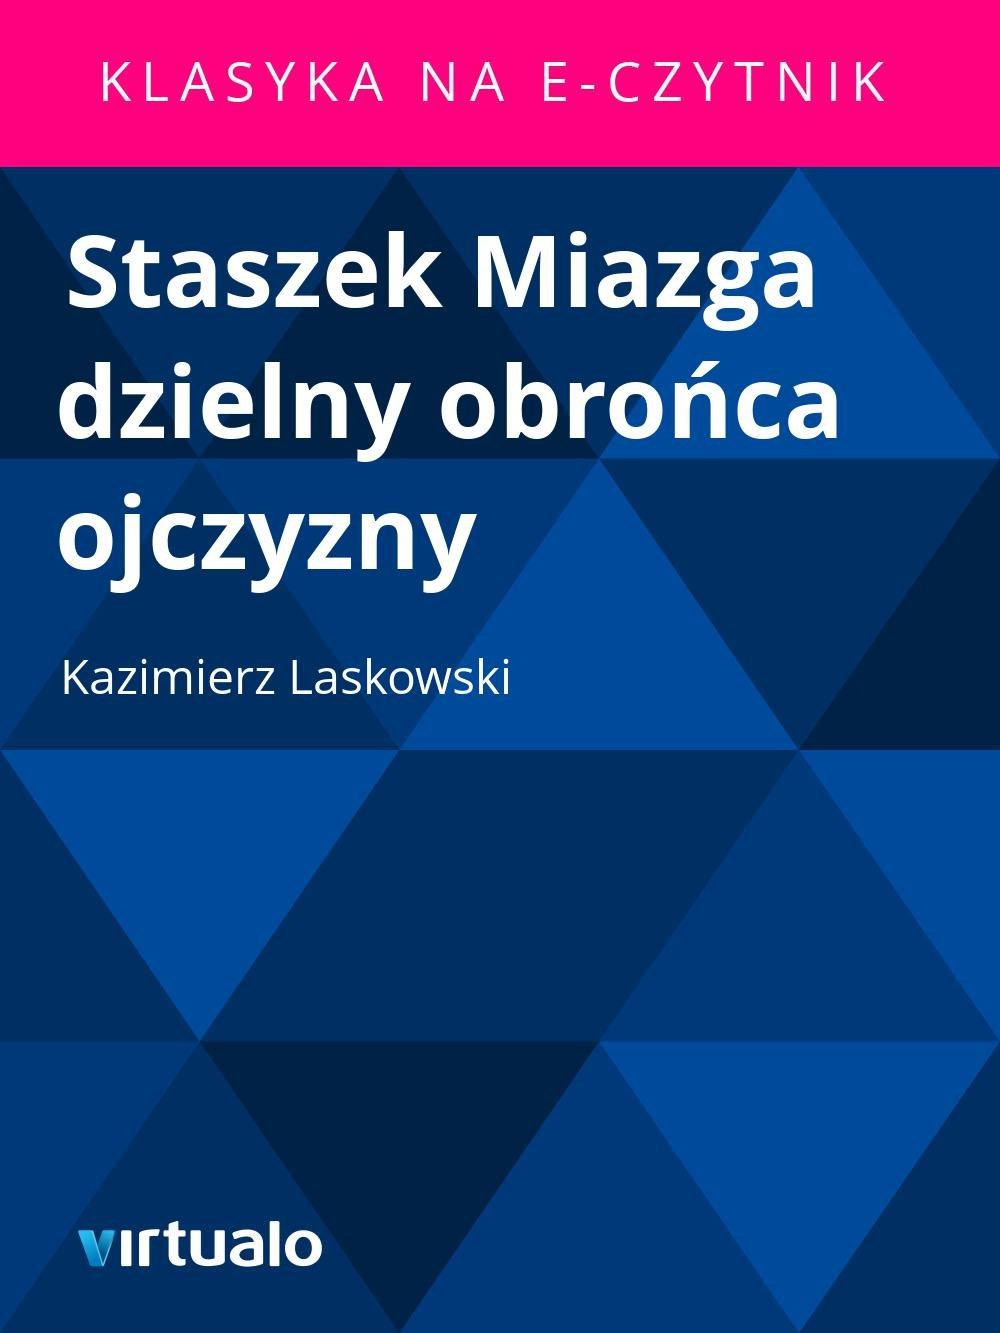 Staszek Miazga dzielny obrońca ojczyzny - Ebook (Książka EPUB) do pobrania w formacie EPUB